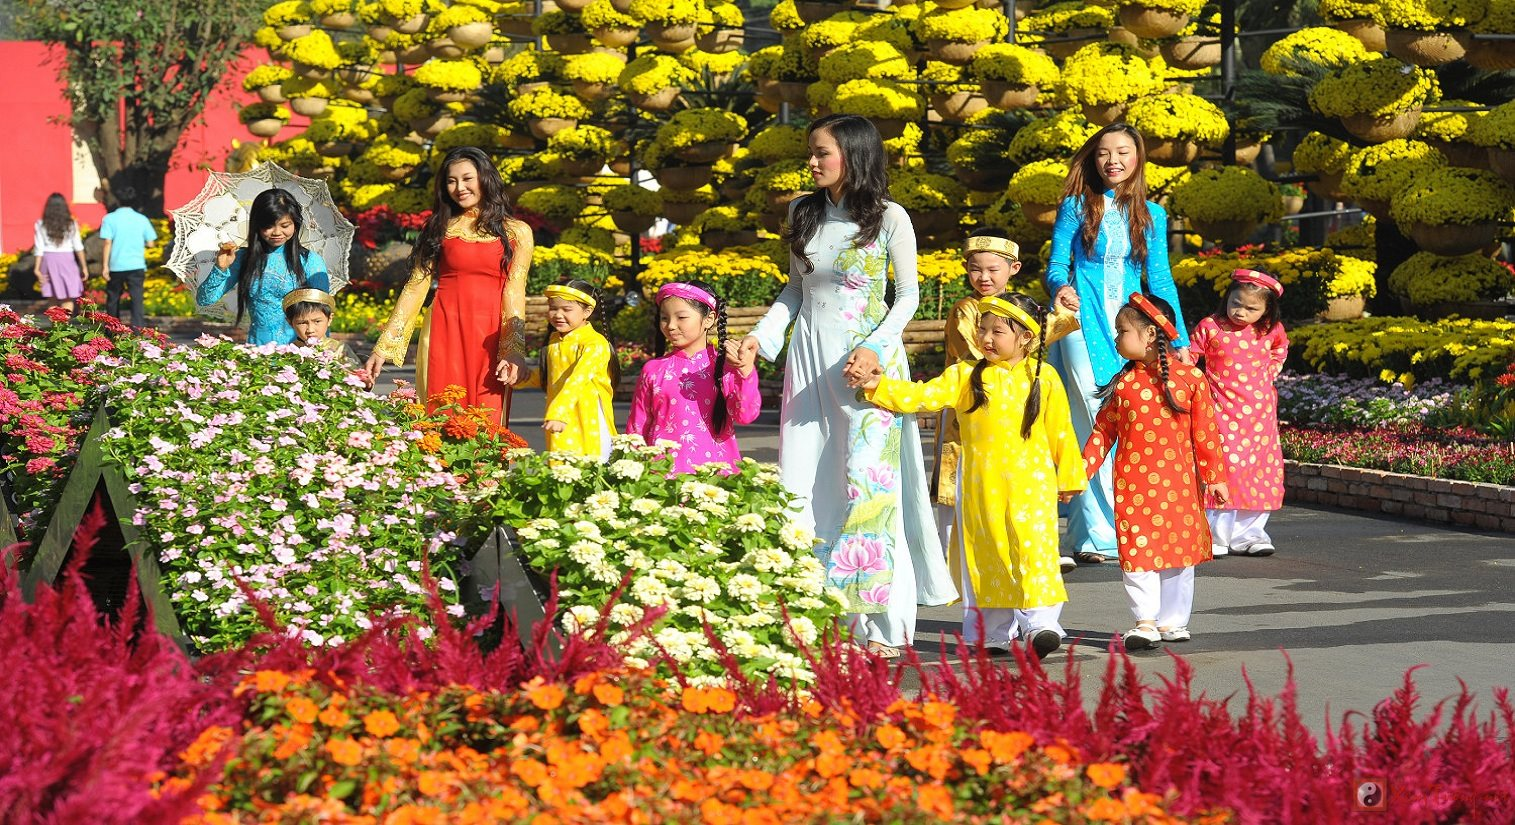 Tết Đinh Dậu: Chọn bạn du lịch hợp phong thuỷ để cả năm may mắn